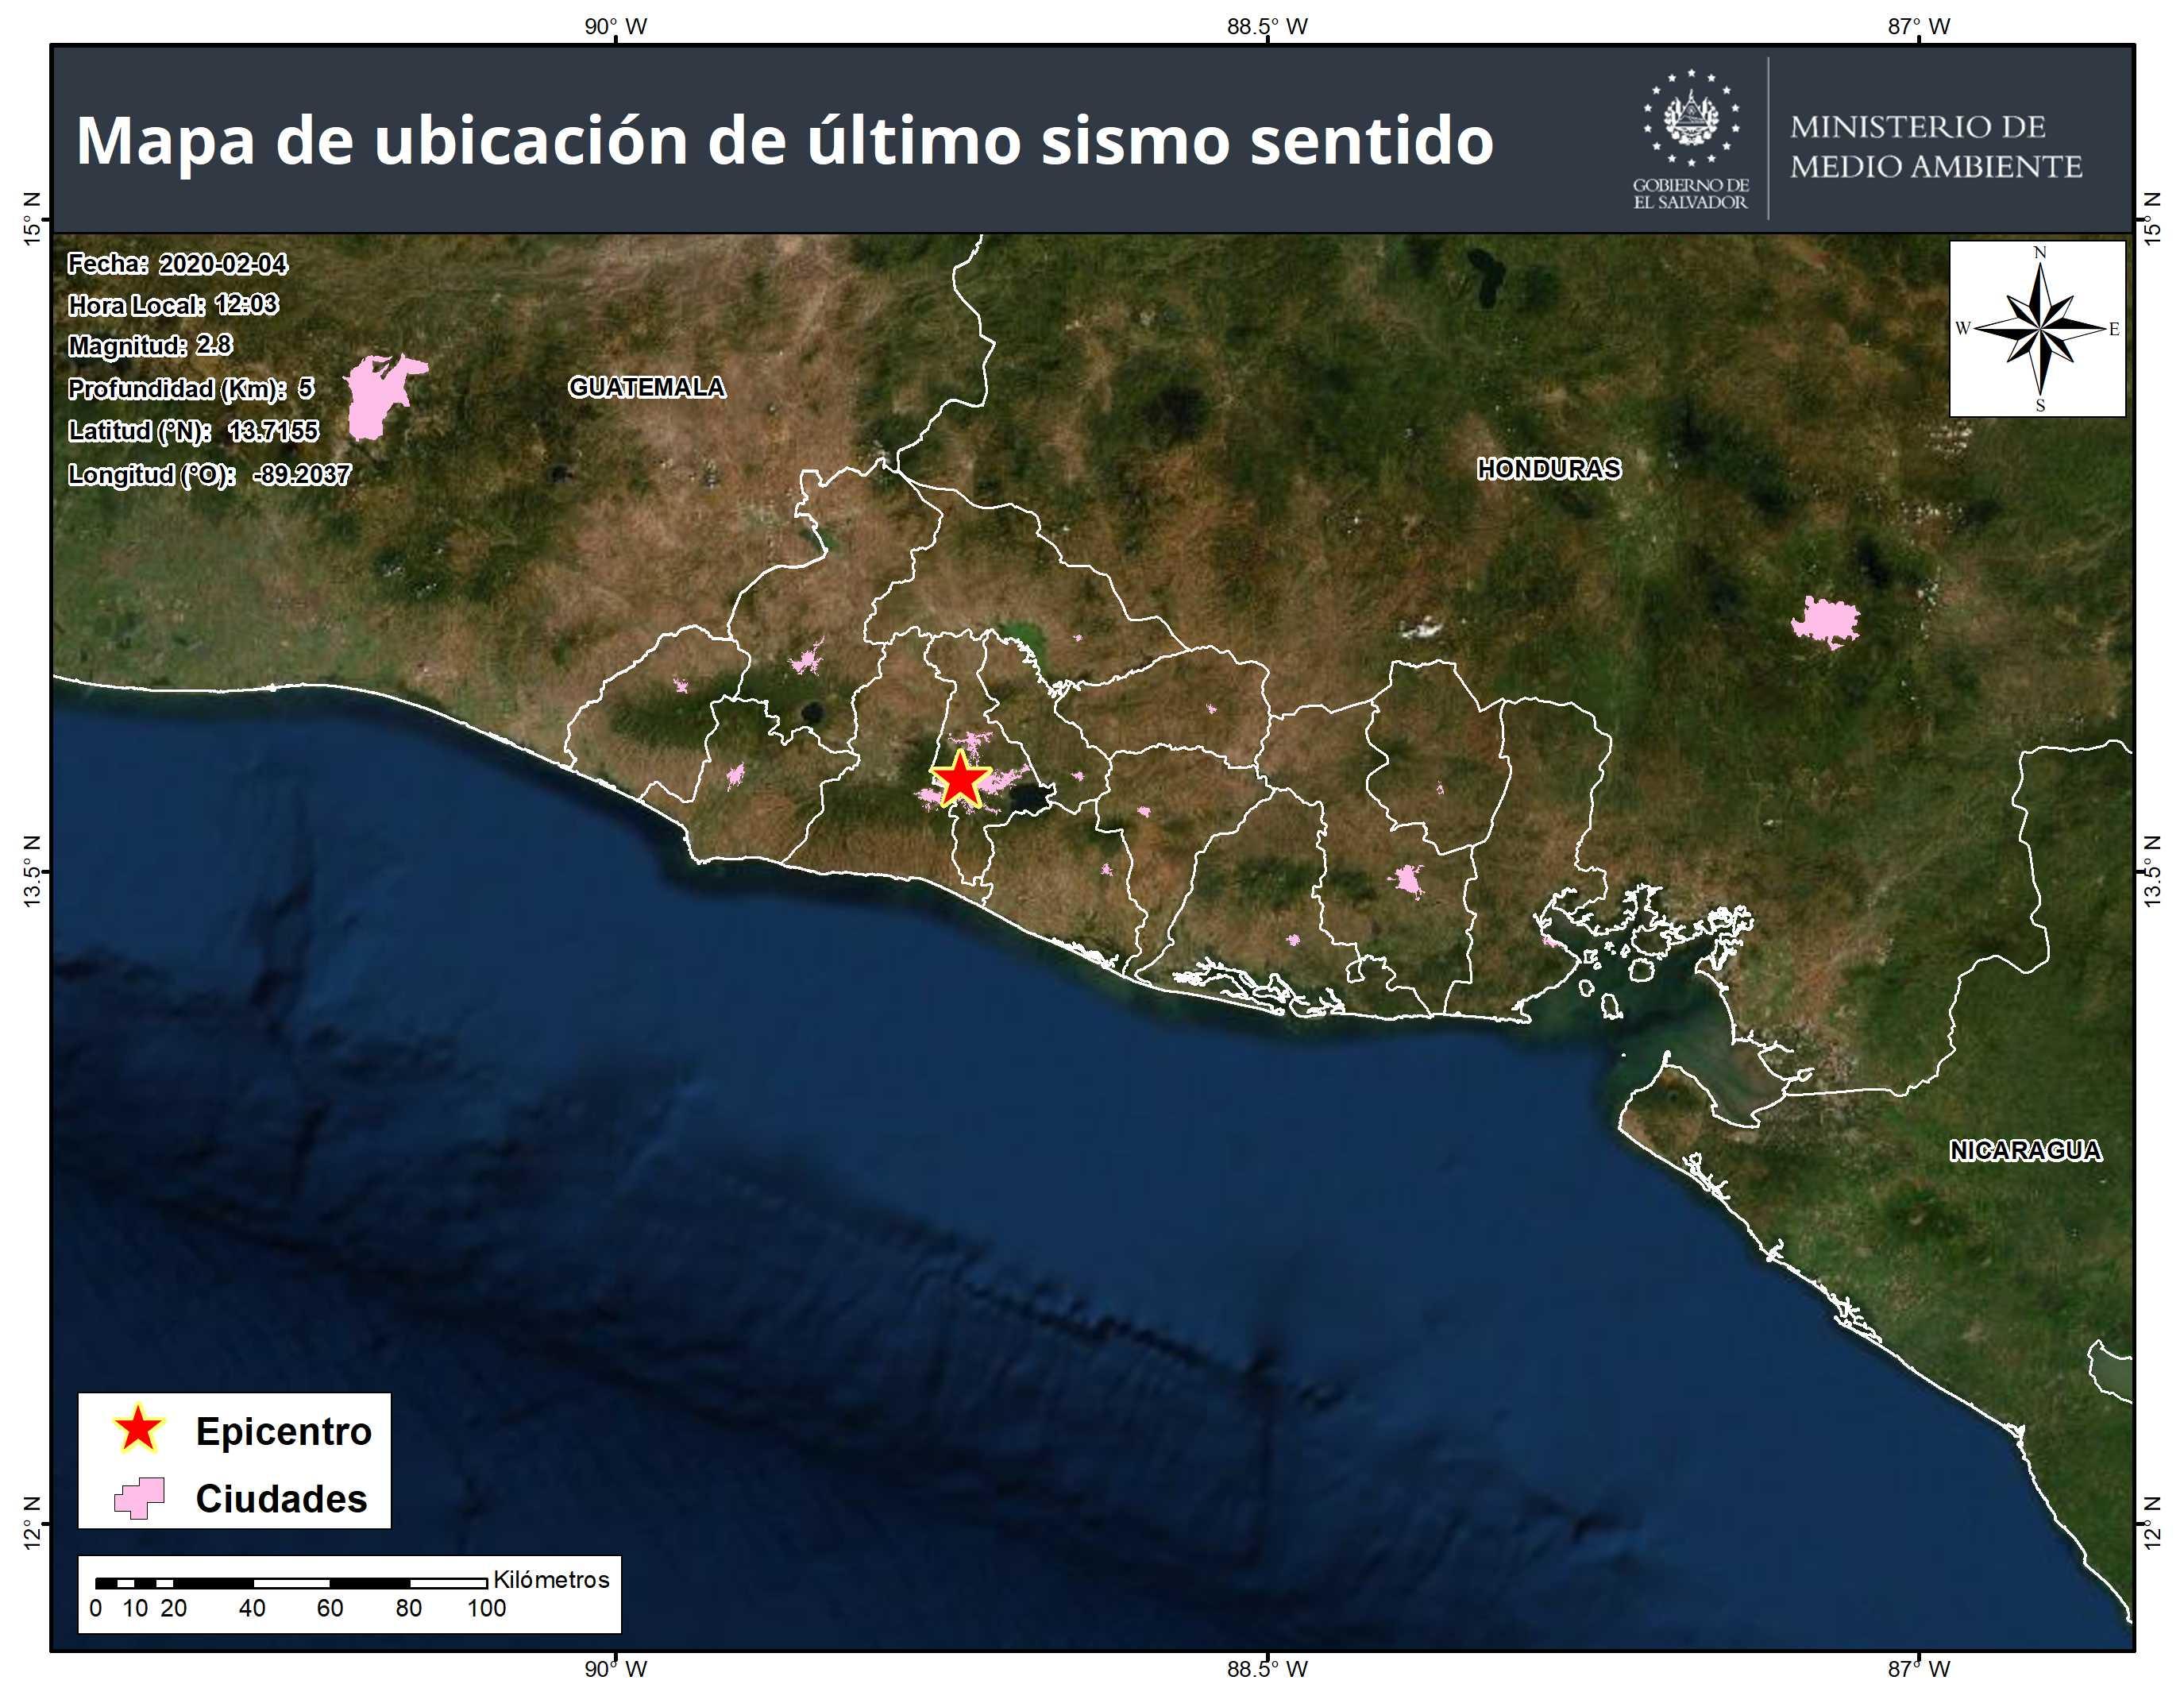 Zona norponiente de San Salvador sin sismos en últimas 24 horas